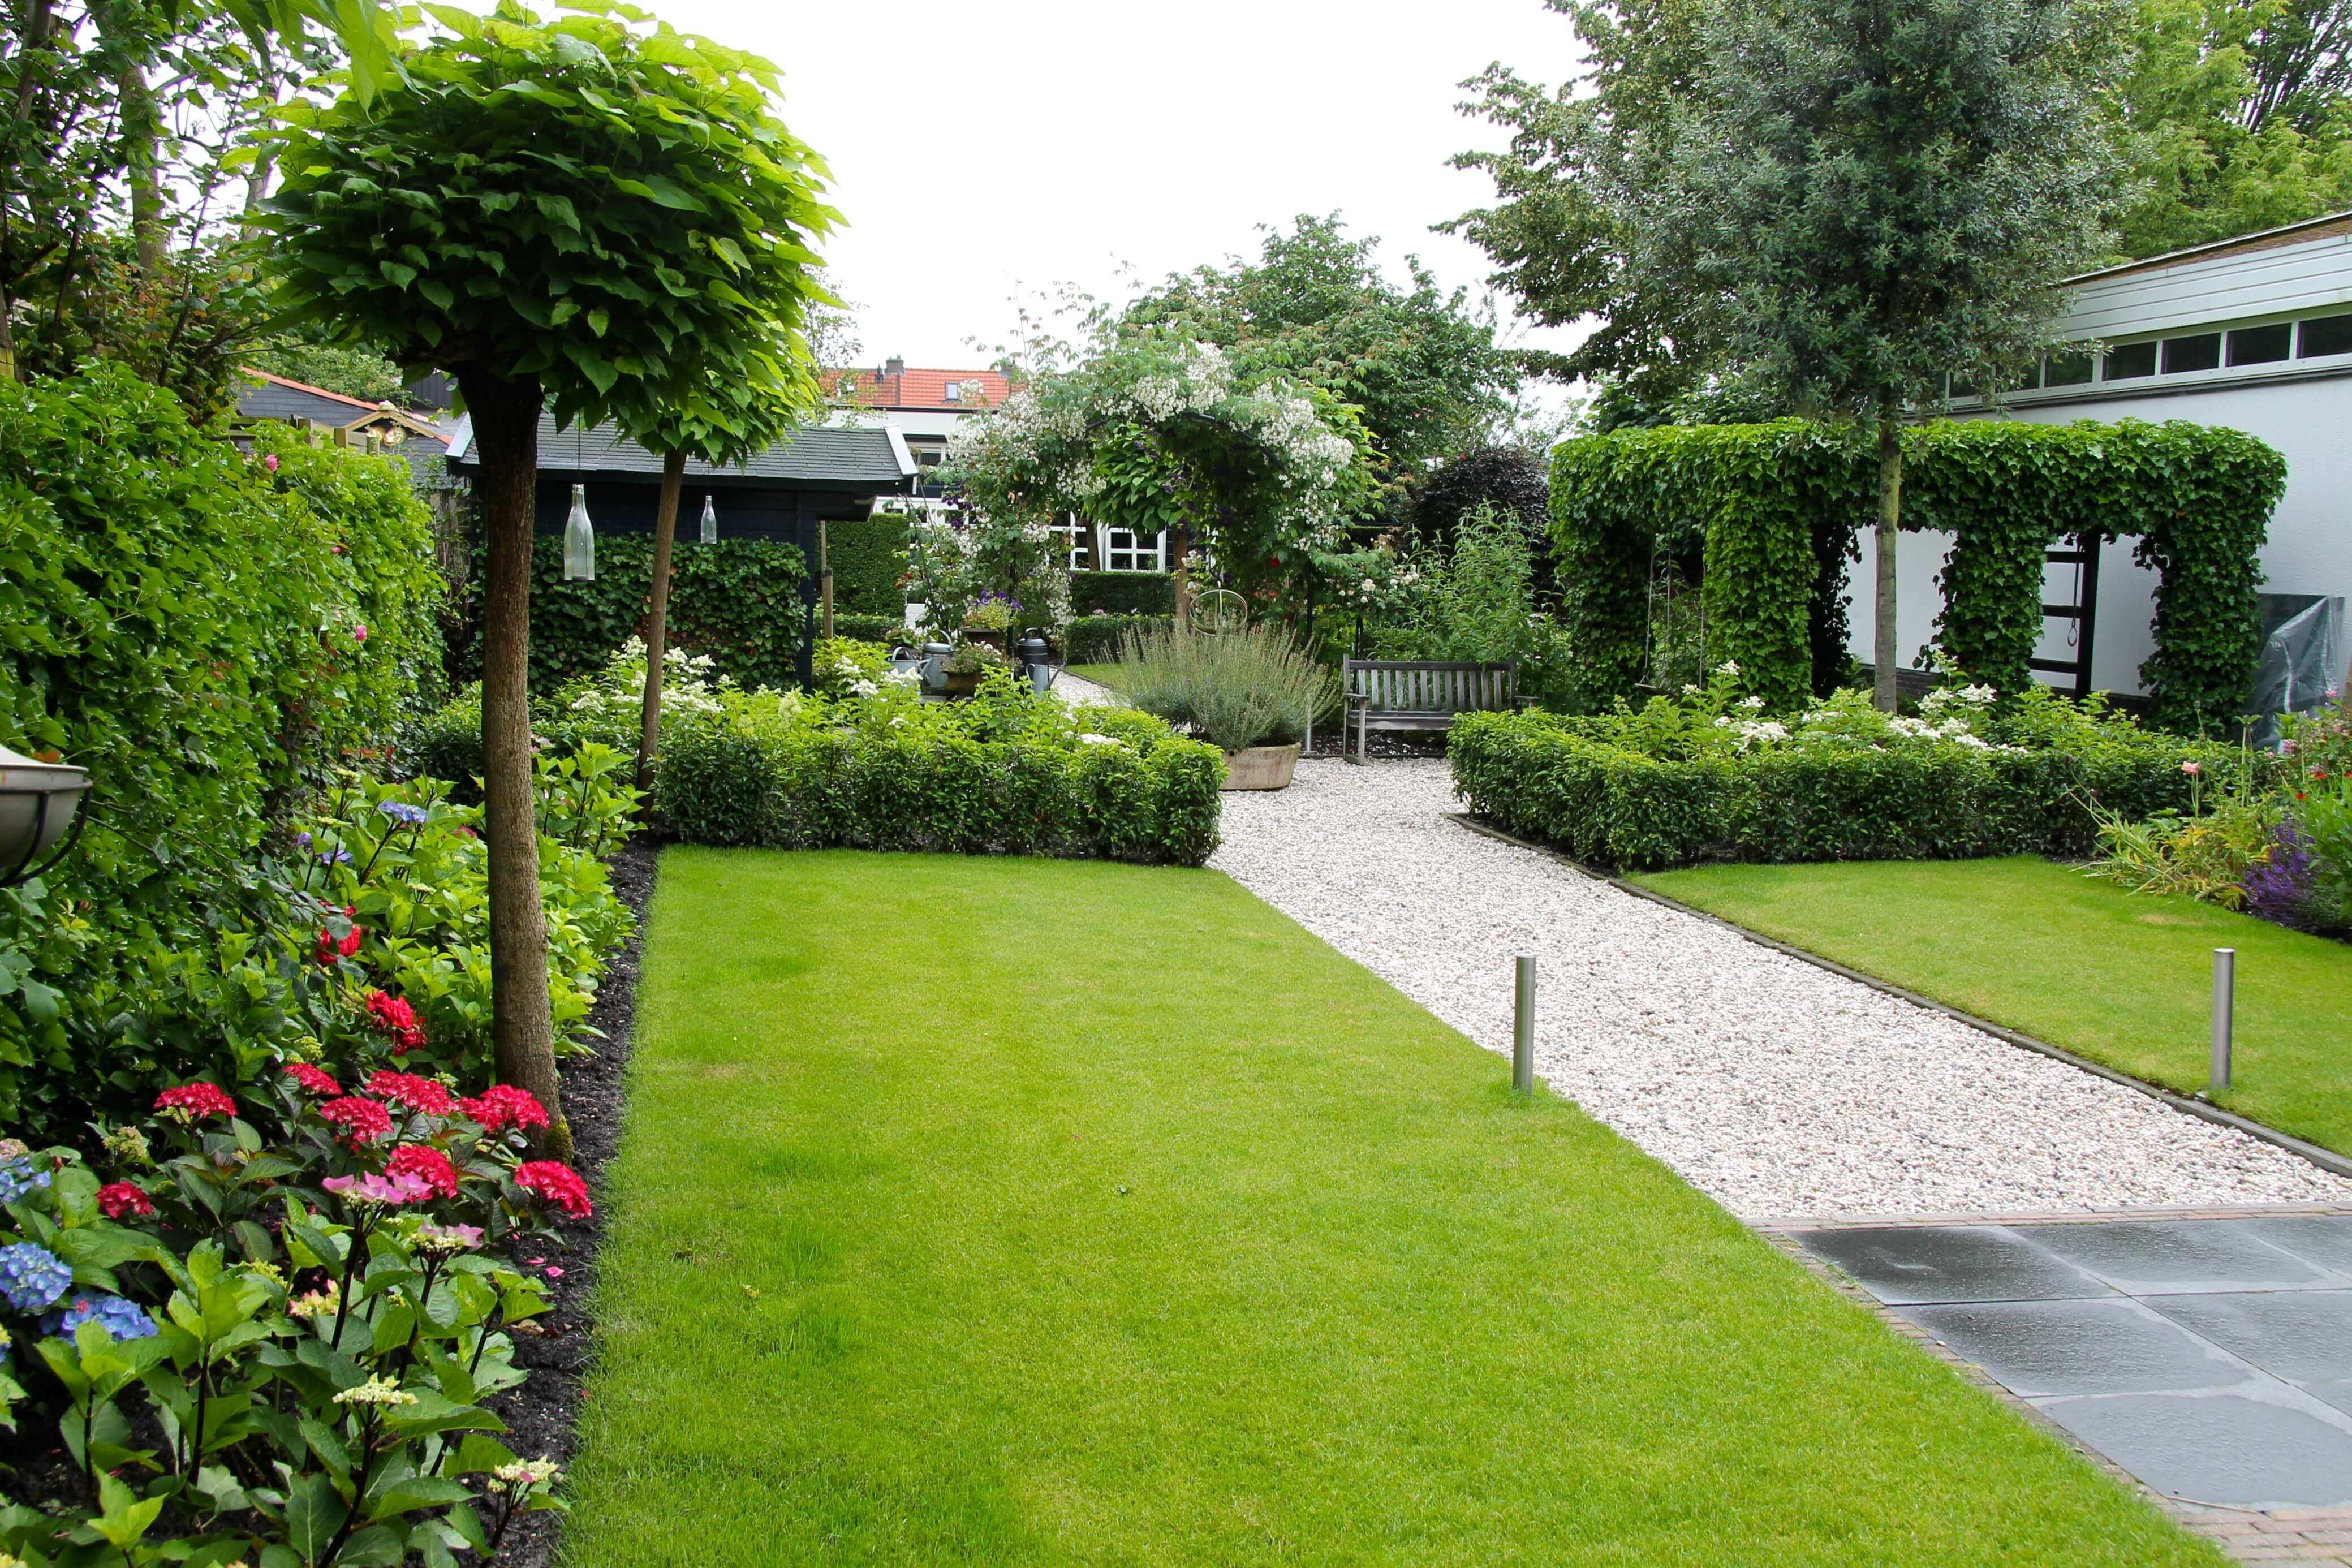 Gras In Tuin : Het gras is groener en lekkerder in de tuin aan de overkant